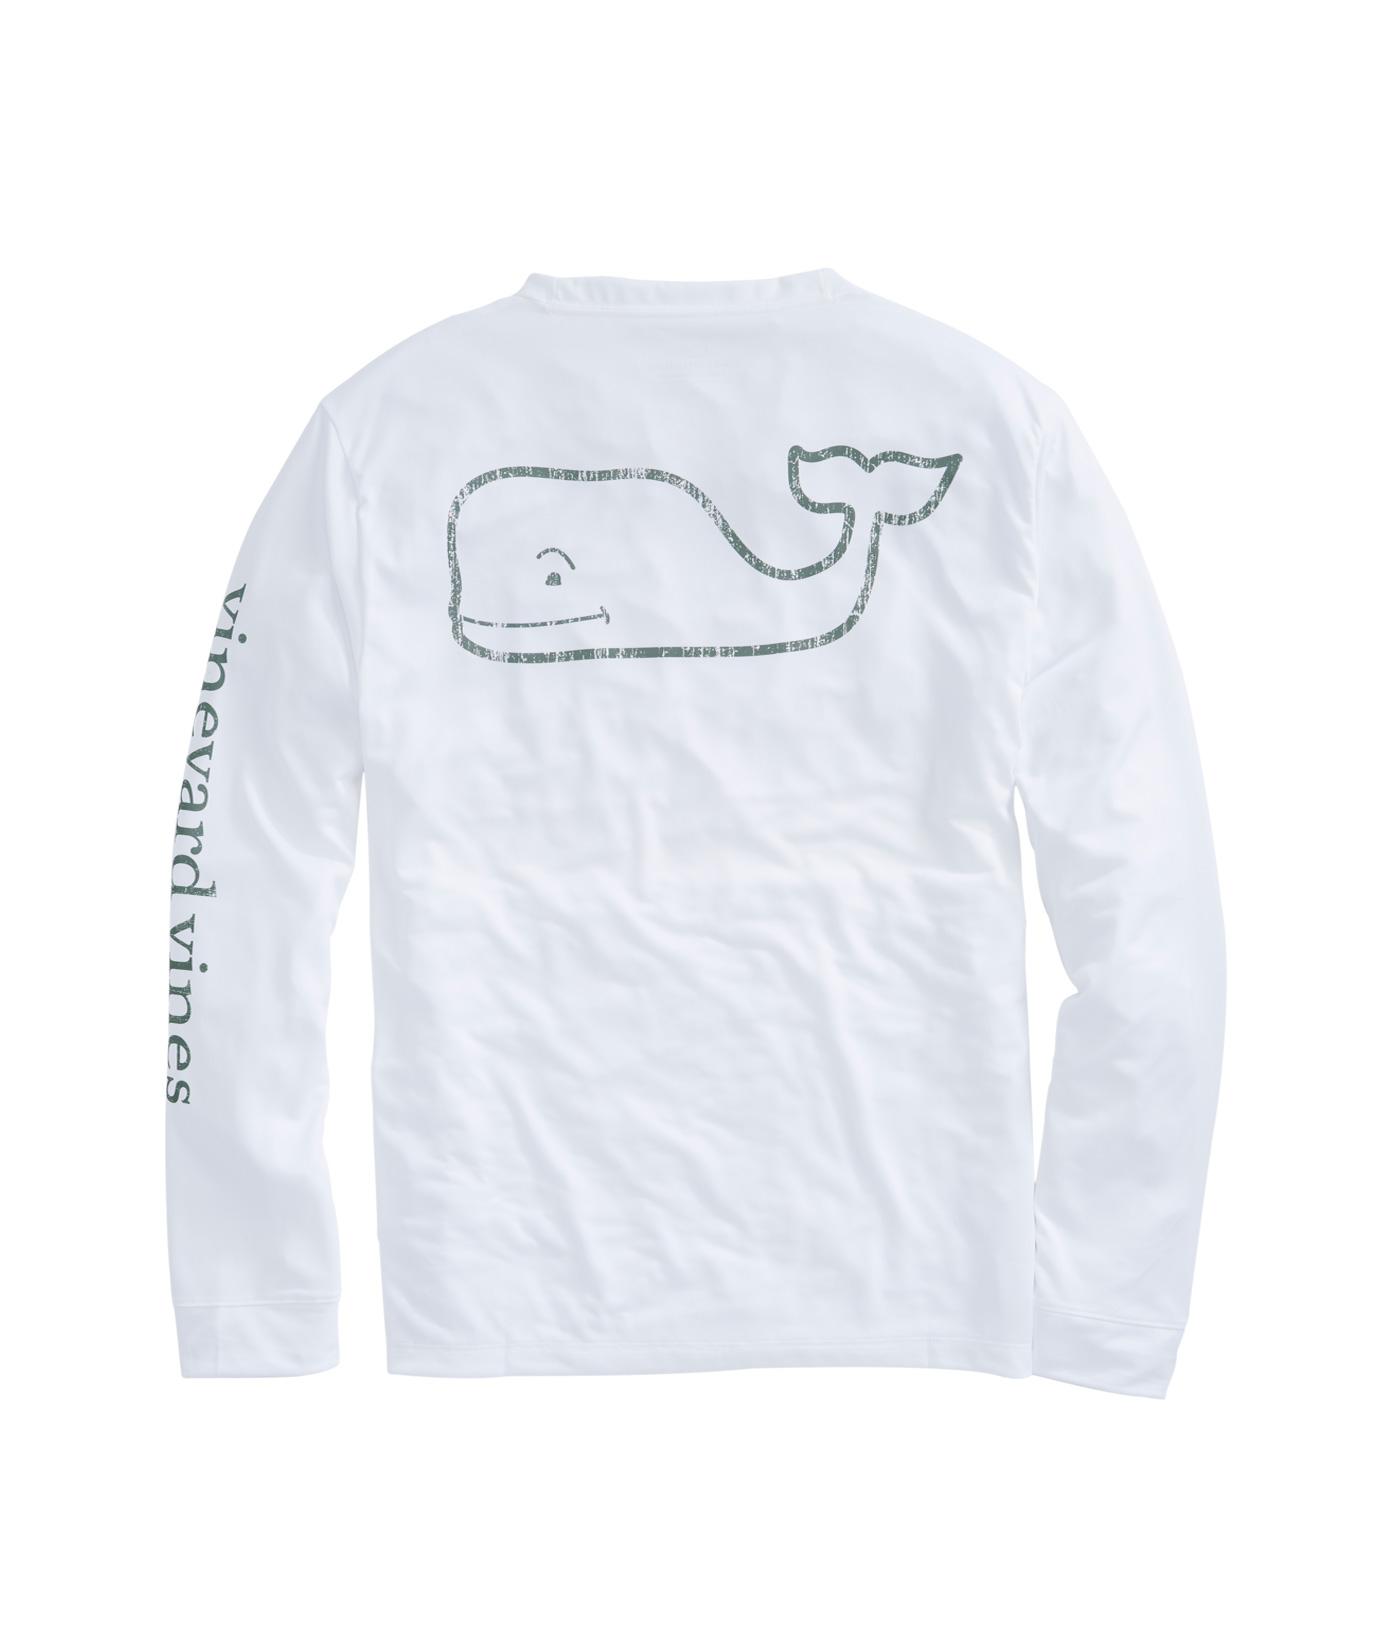 Shop Long Sleeve Vintage Whale Performance White Cap T